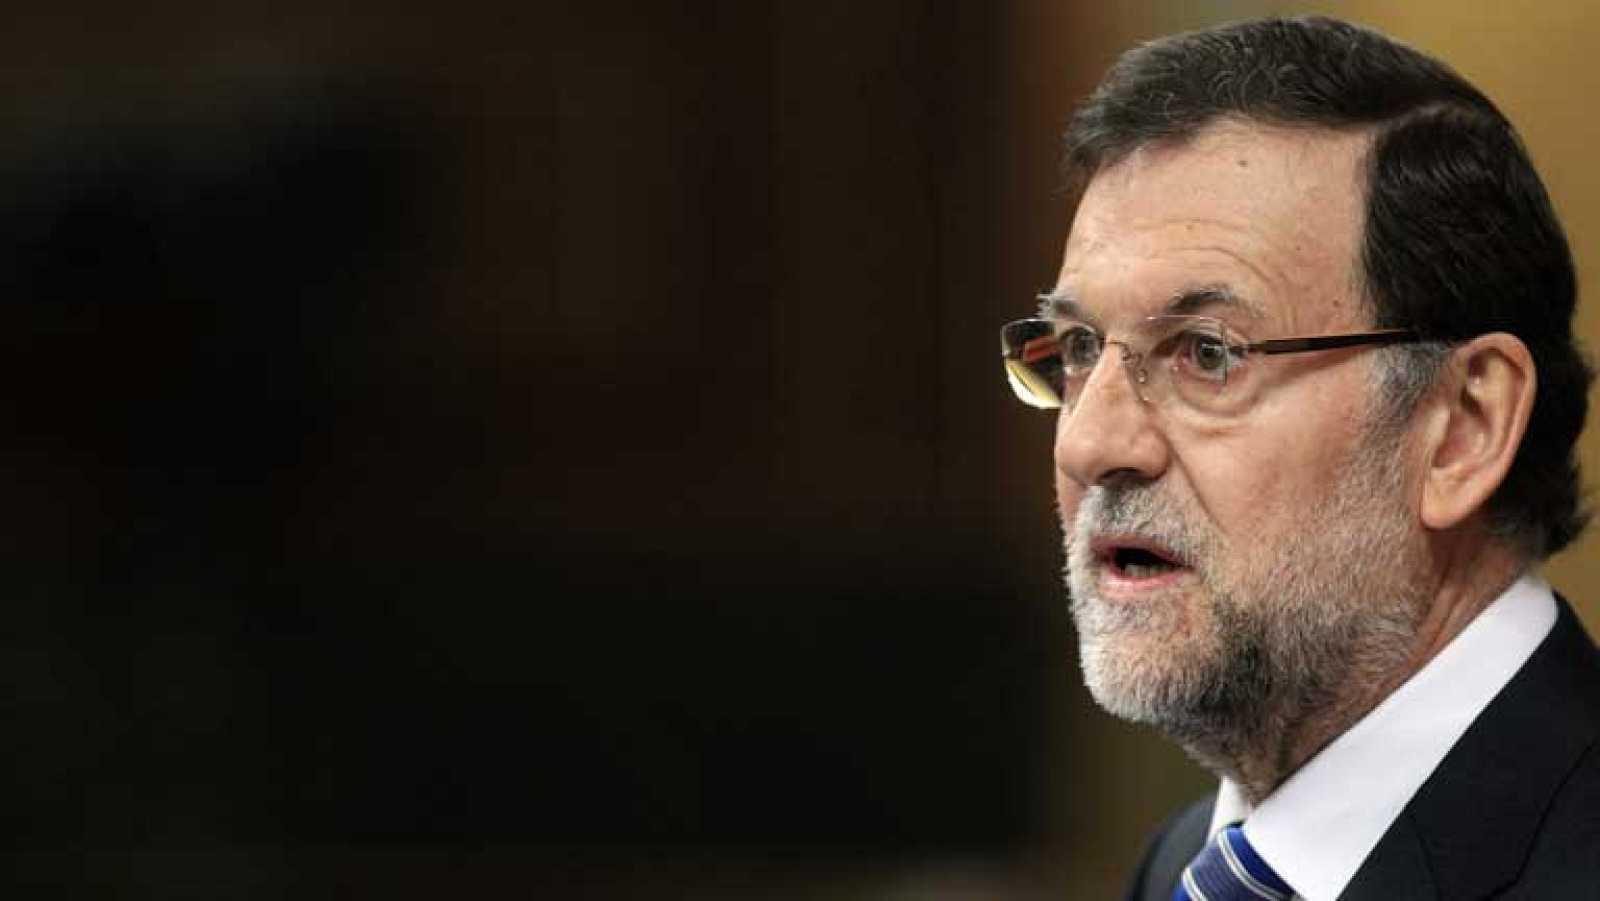 Rajoy reconoce que aun queda camino para salir de la crisis